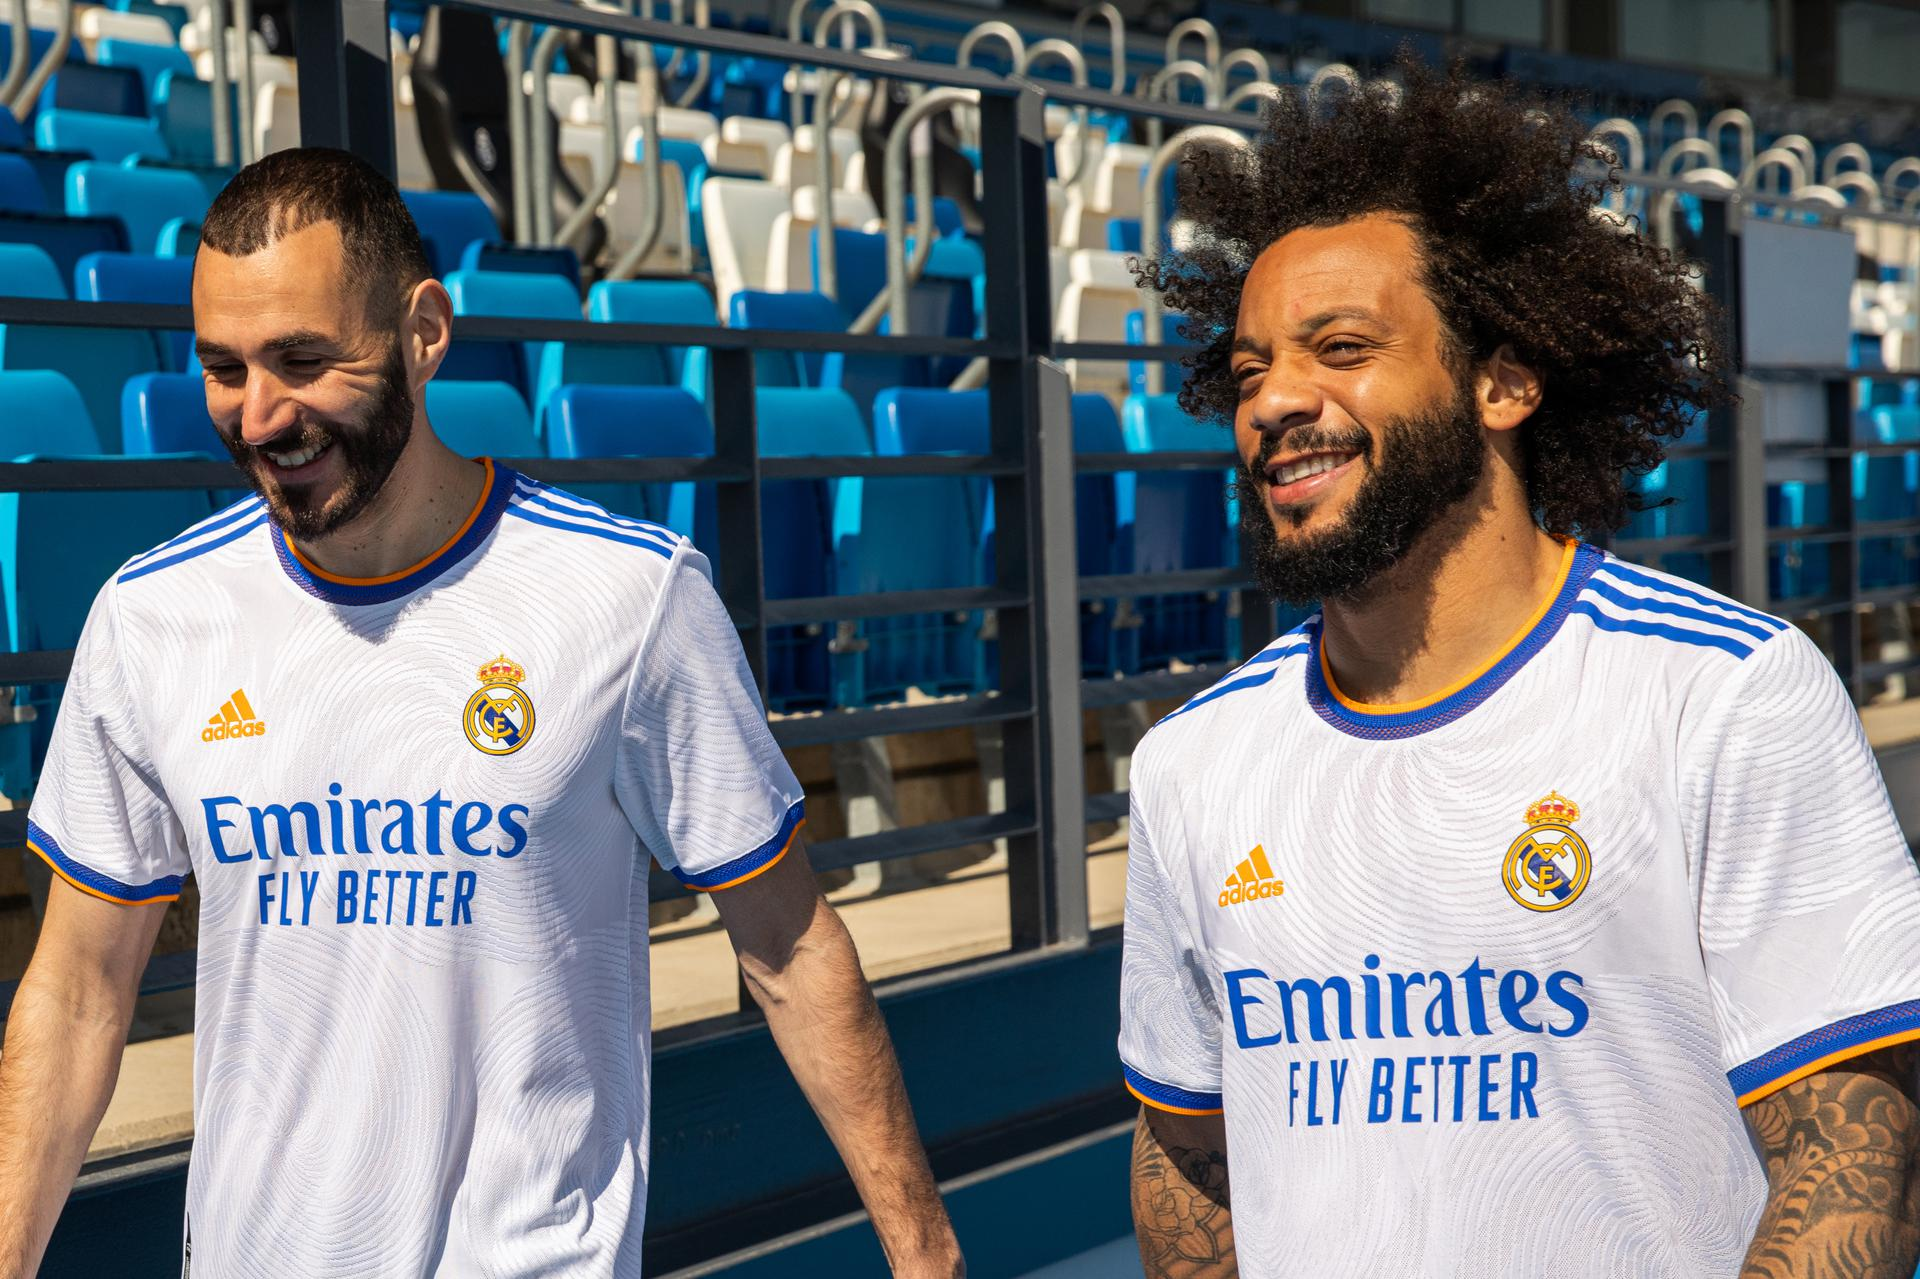 Adidas presenta la nueva camiseta del Real Madrid